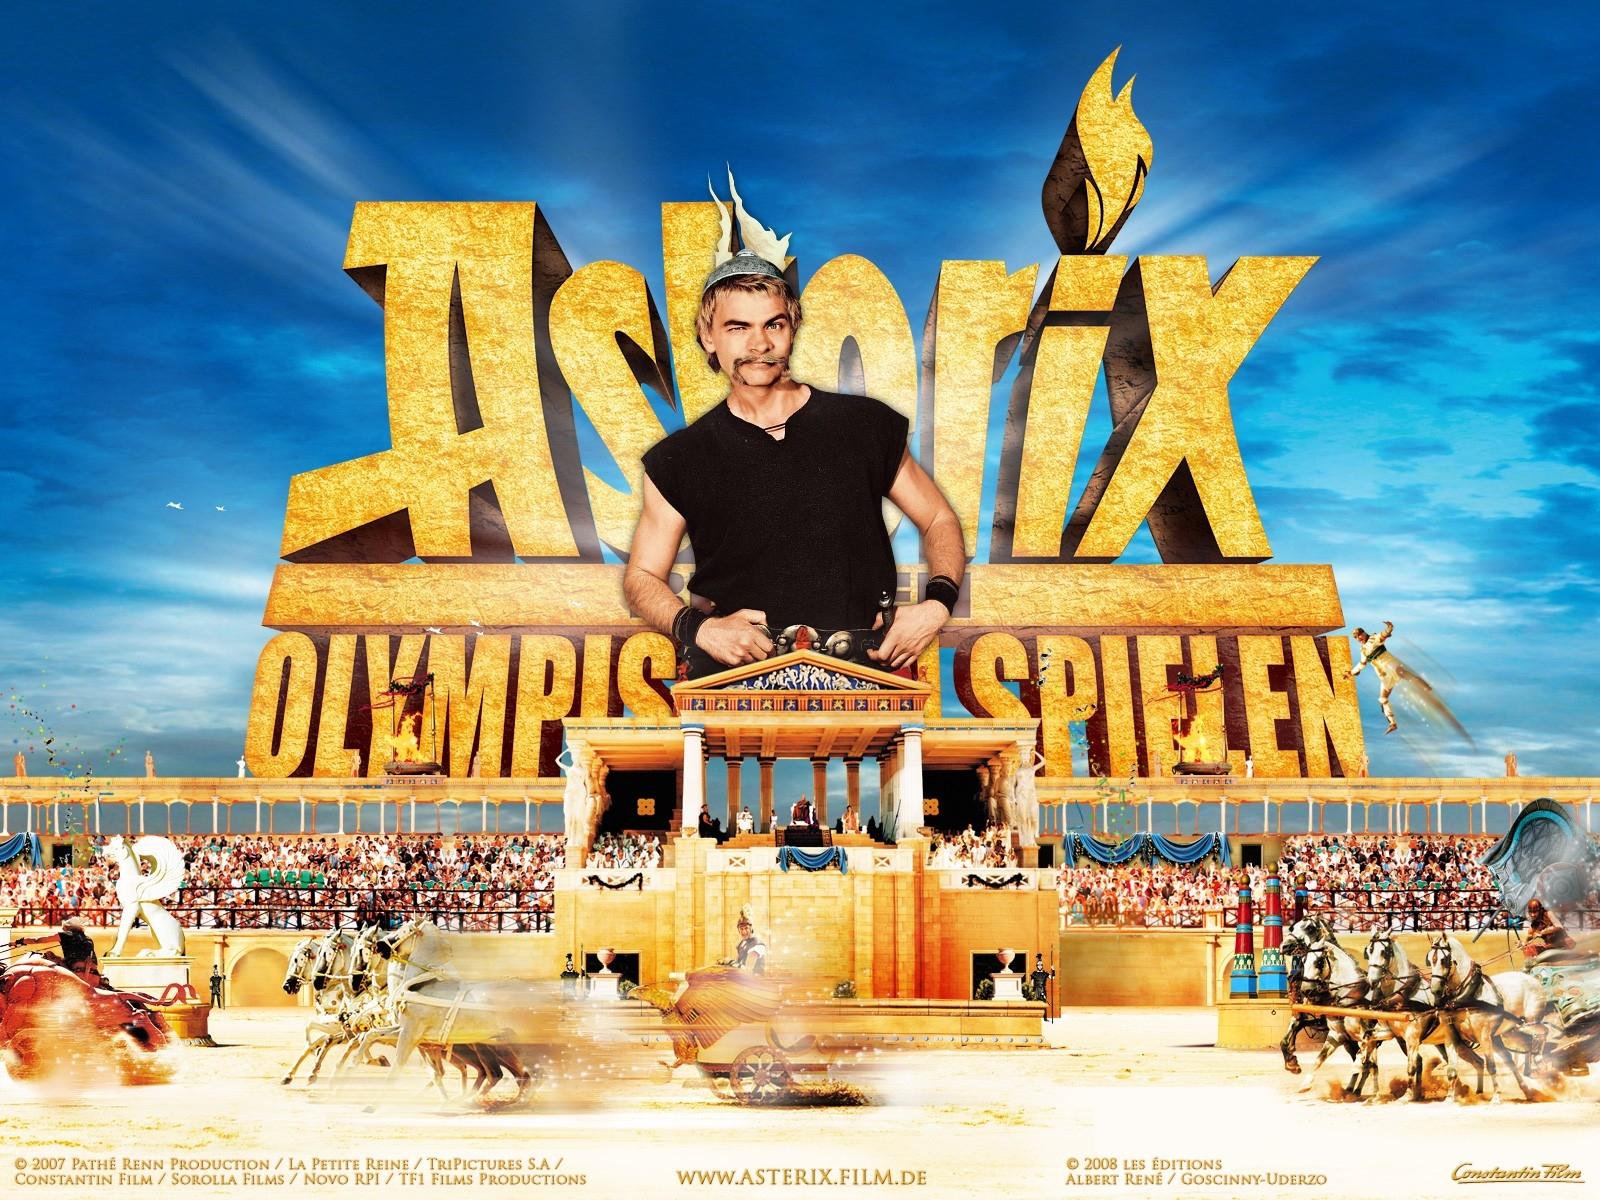 Wallpaper del film Asterix alle Olimpiadi con Clovis Cornillac